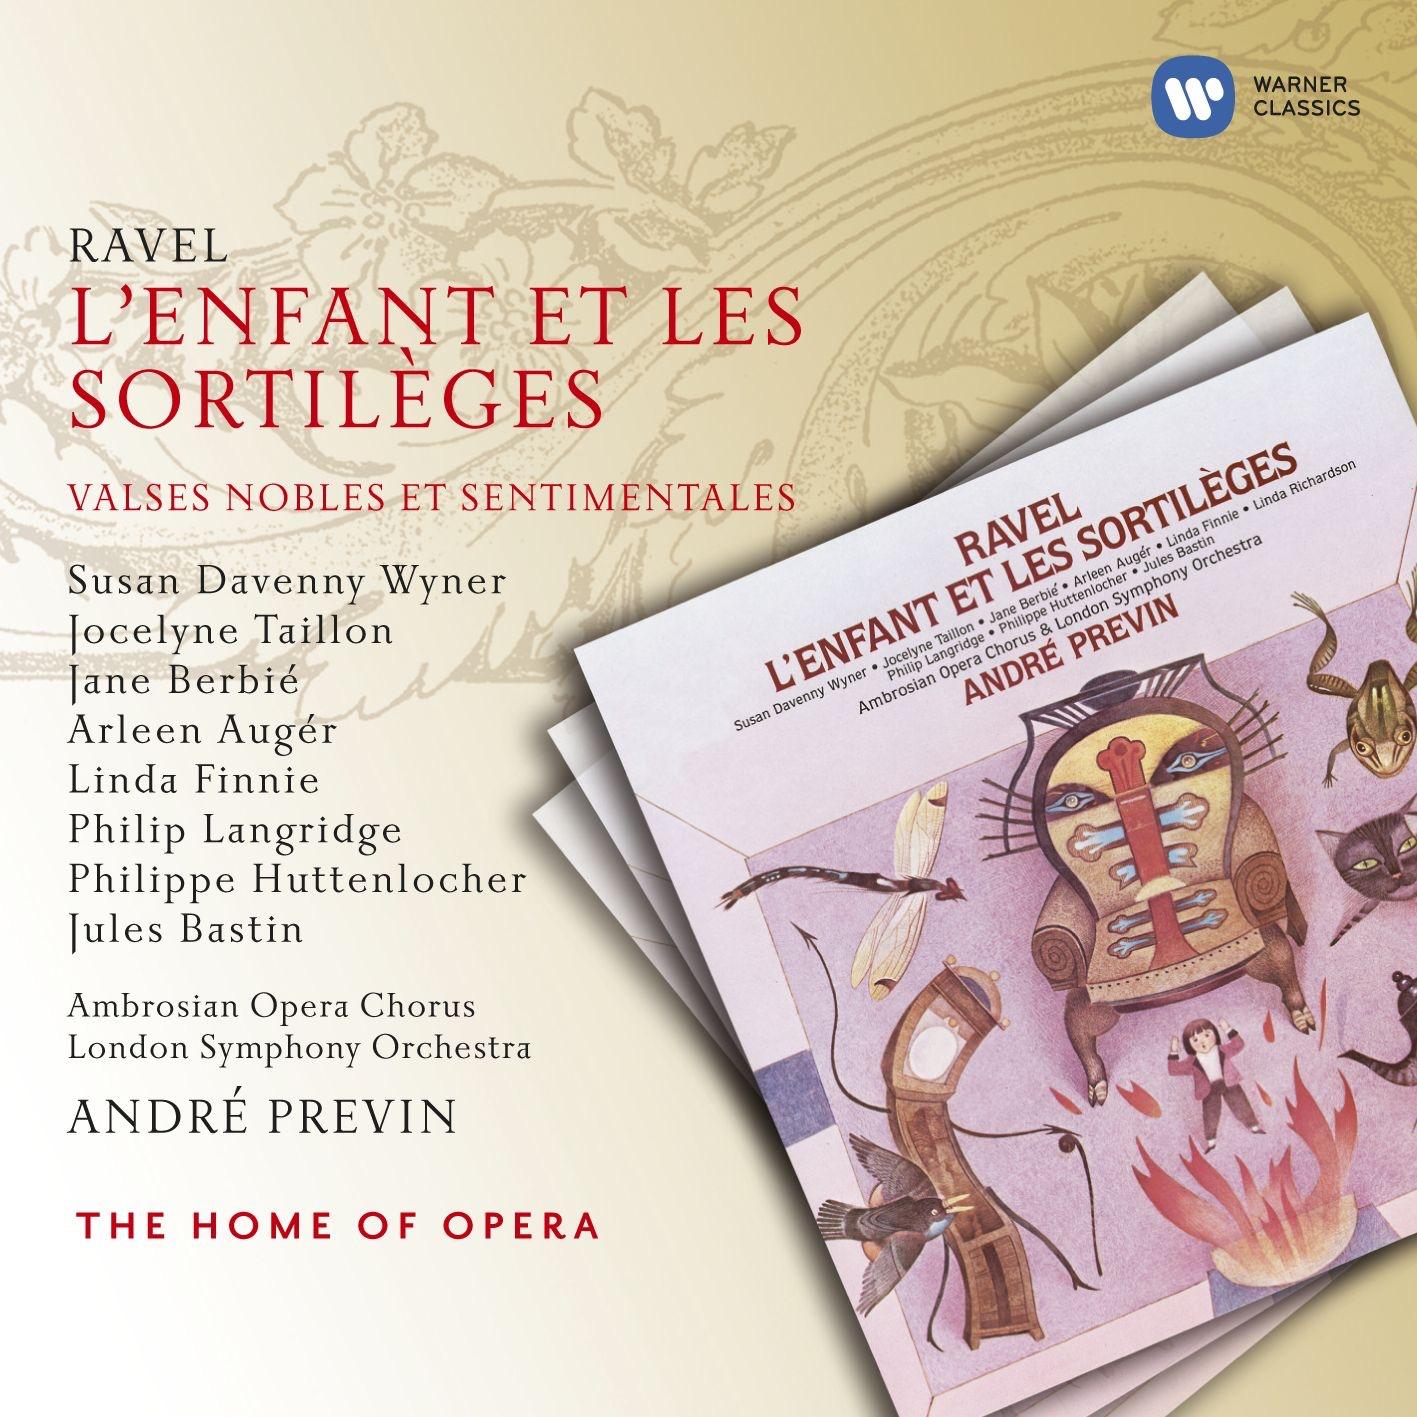 Valses nobles et sentimentales (2000 Remastered Version): Vif